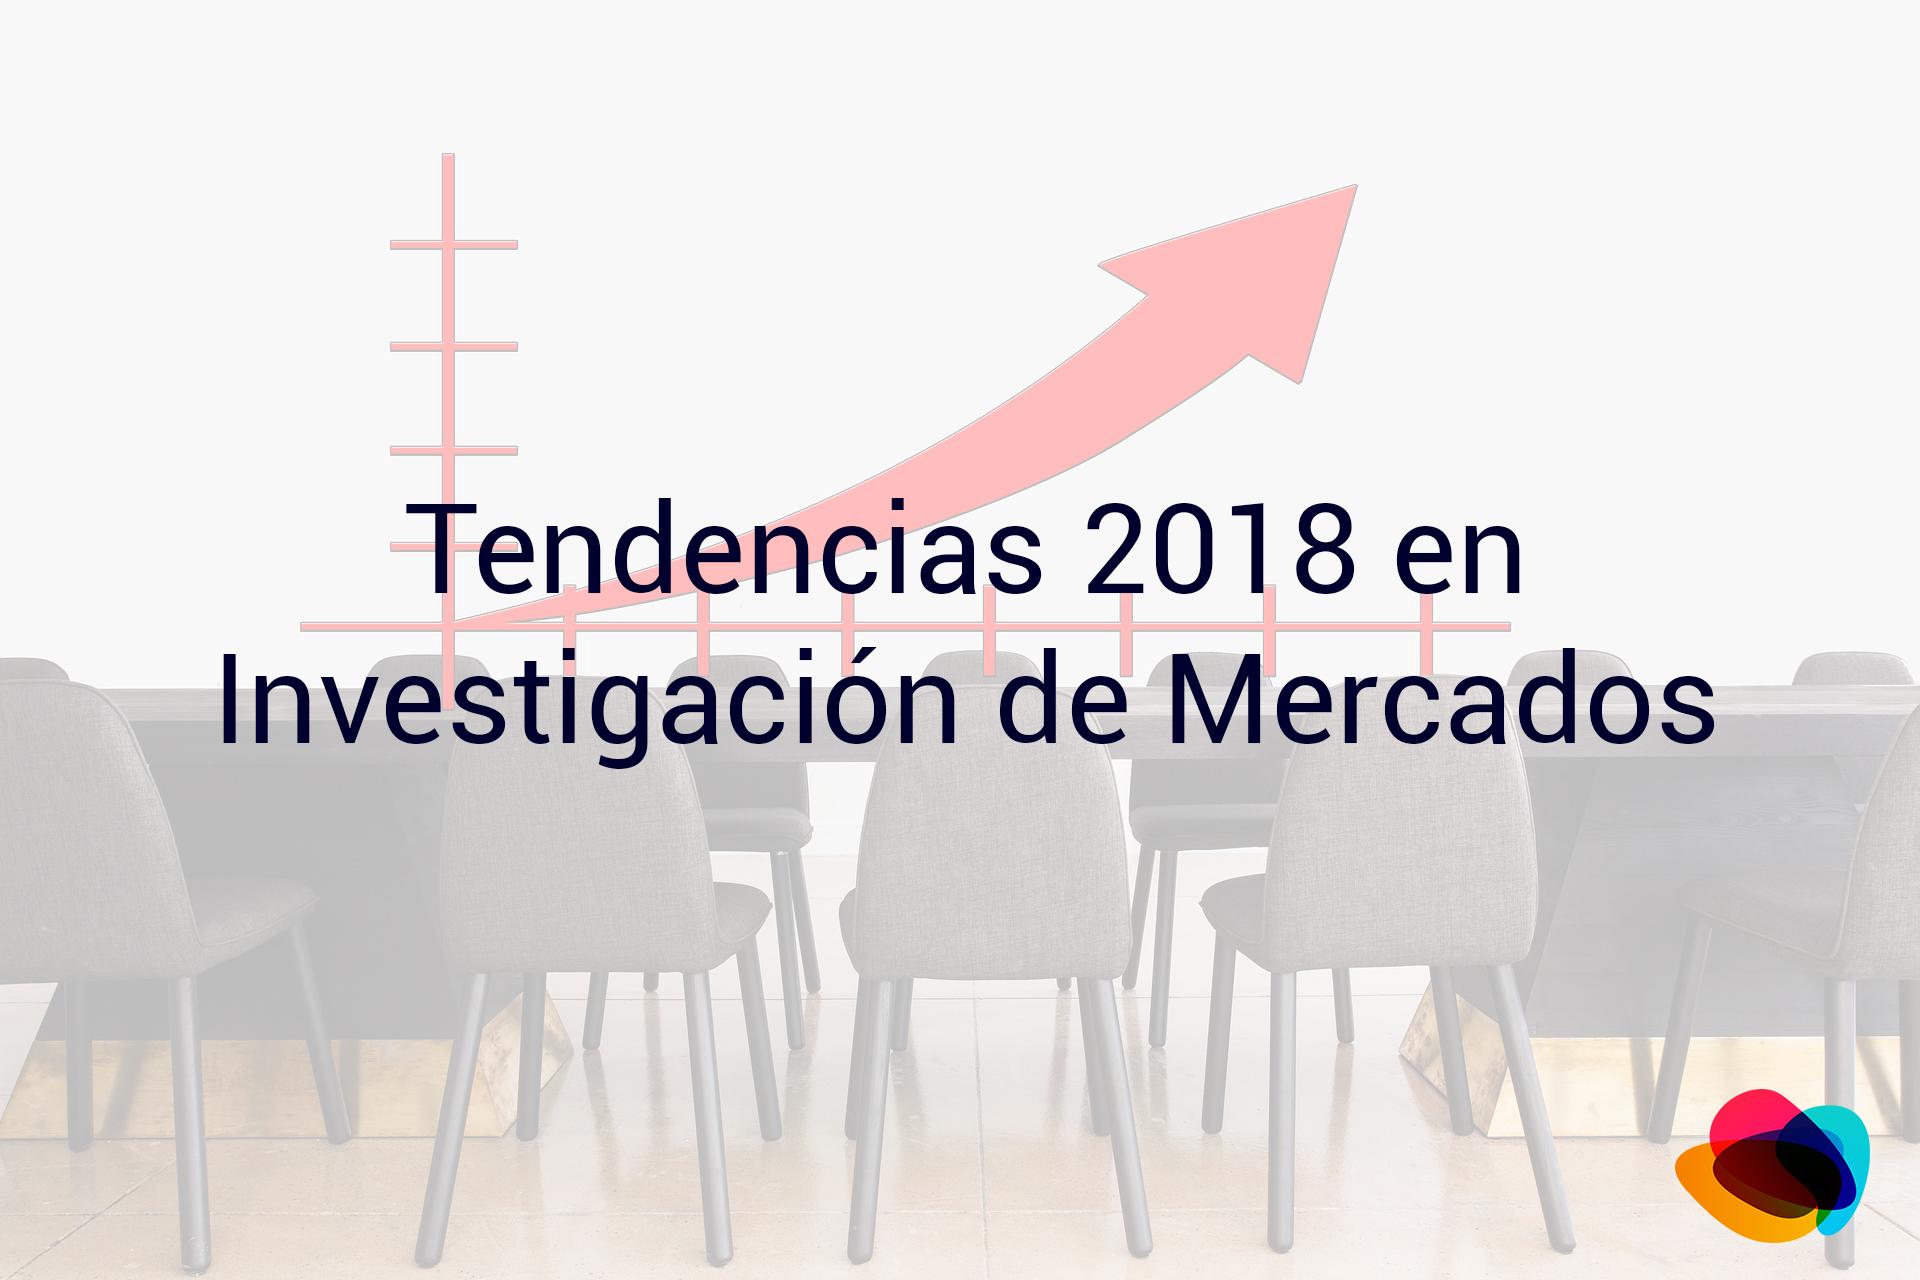 Tendencias de la investigación de mercados en el 2018